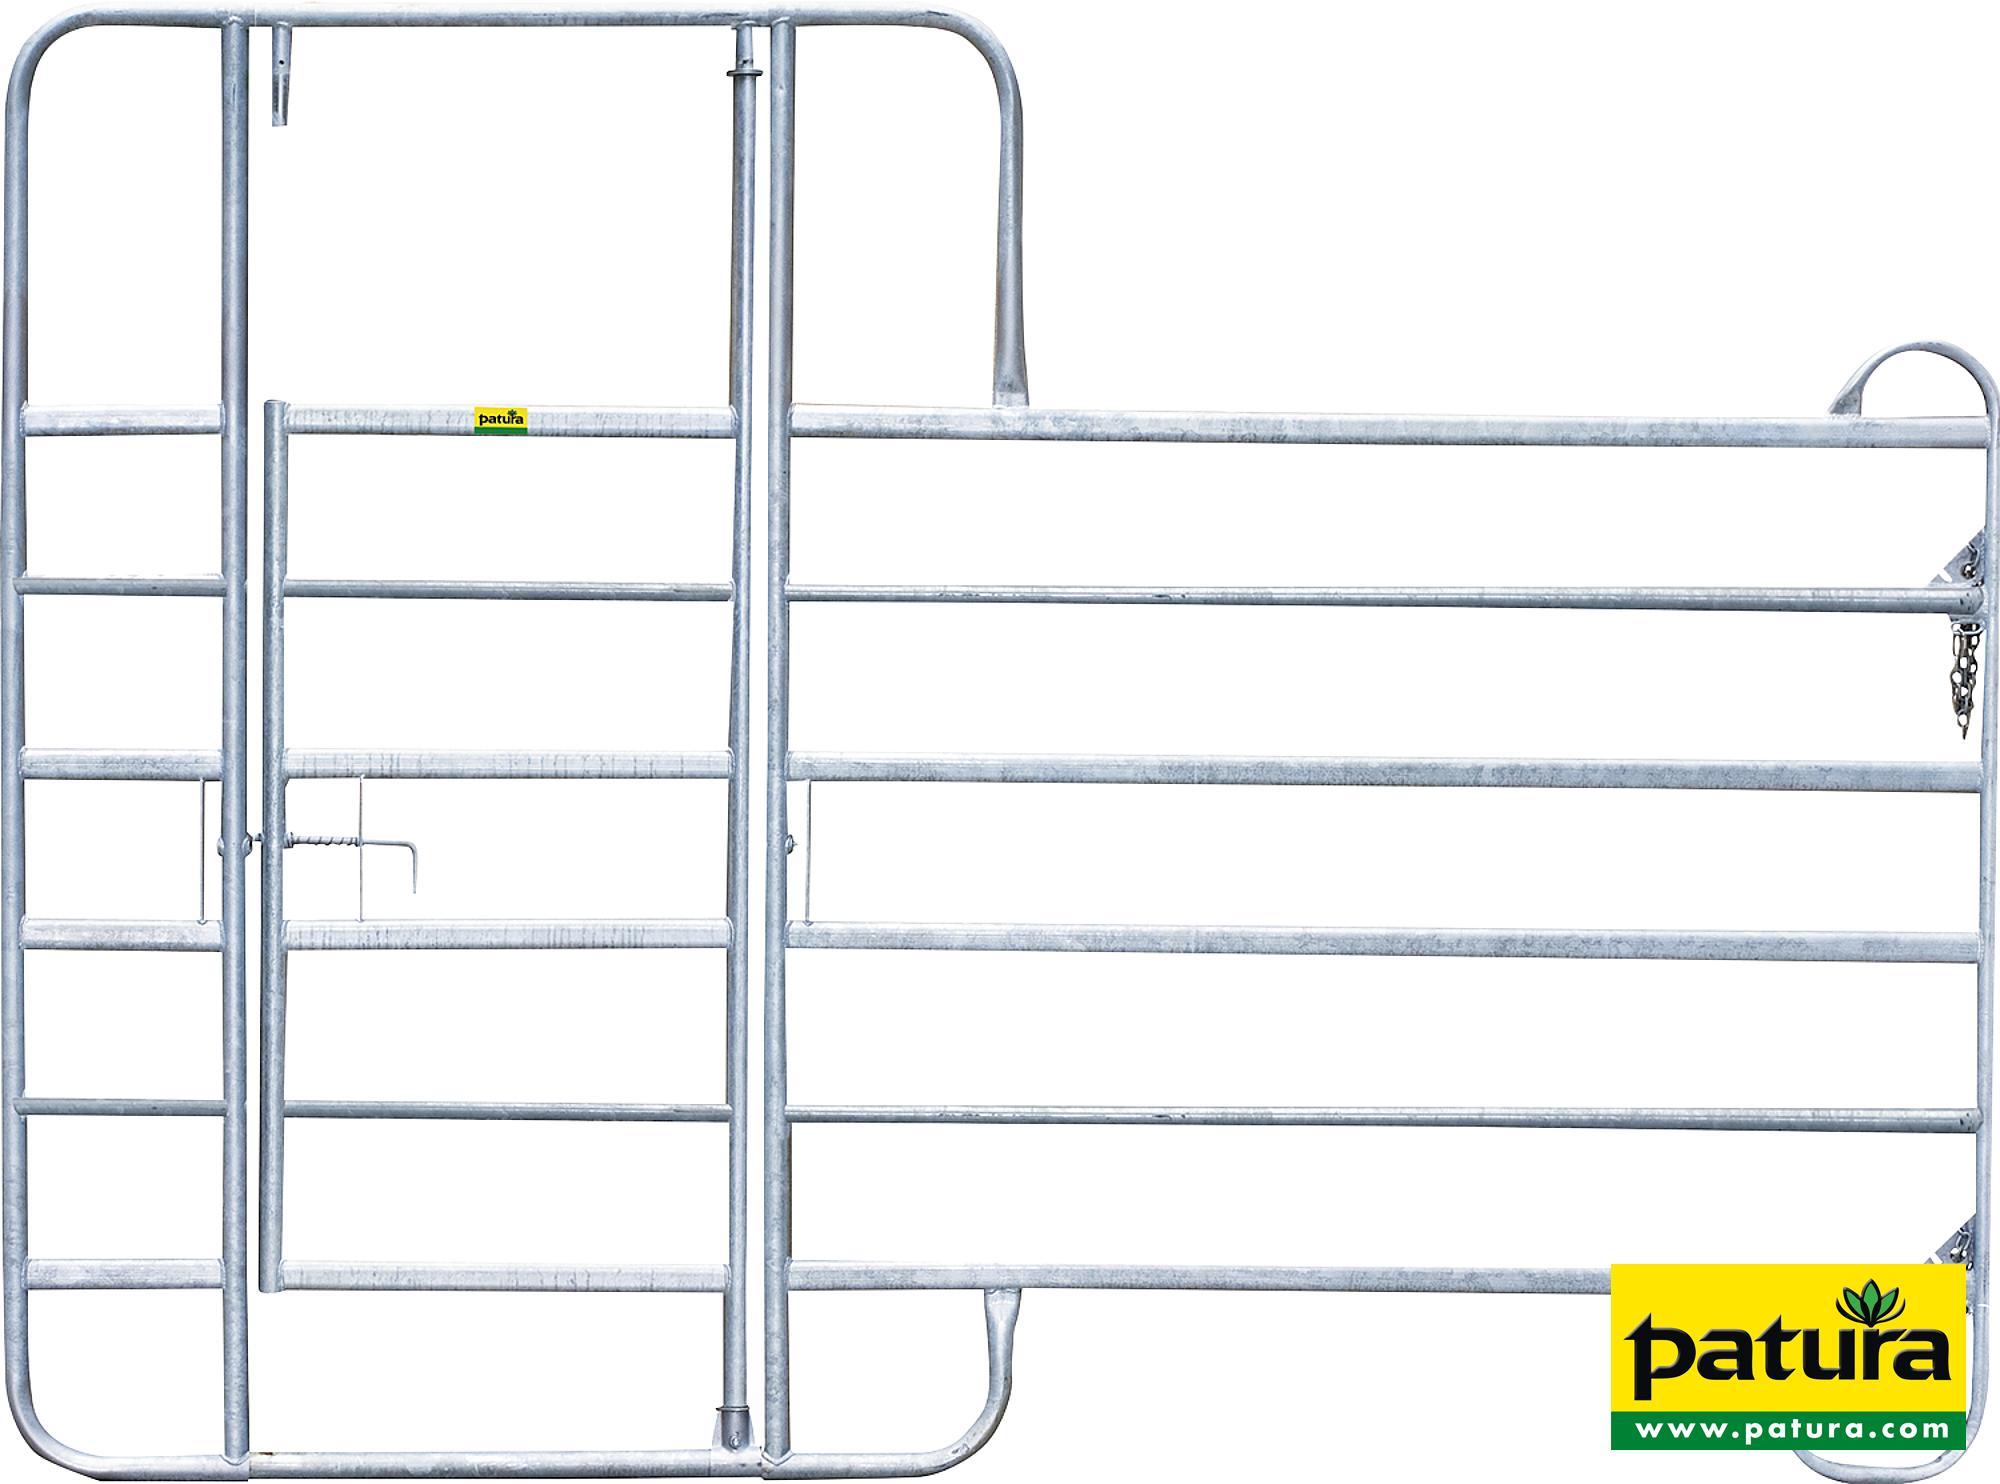 Panel-6 mit Behandlungstür, Länge 3,00 m, Höhe 2,20 m